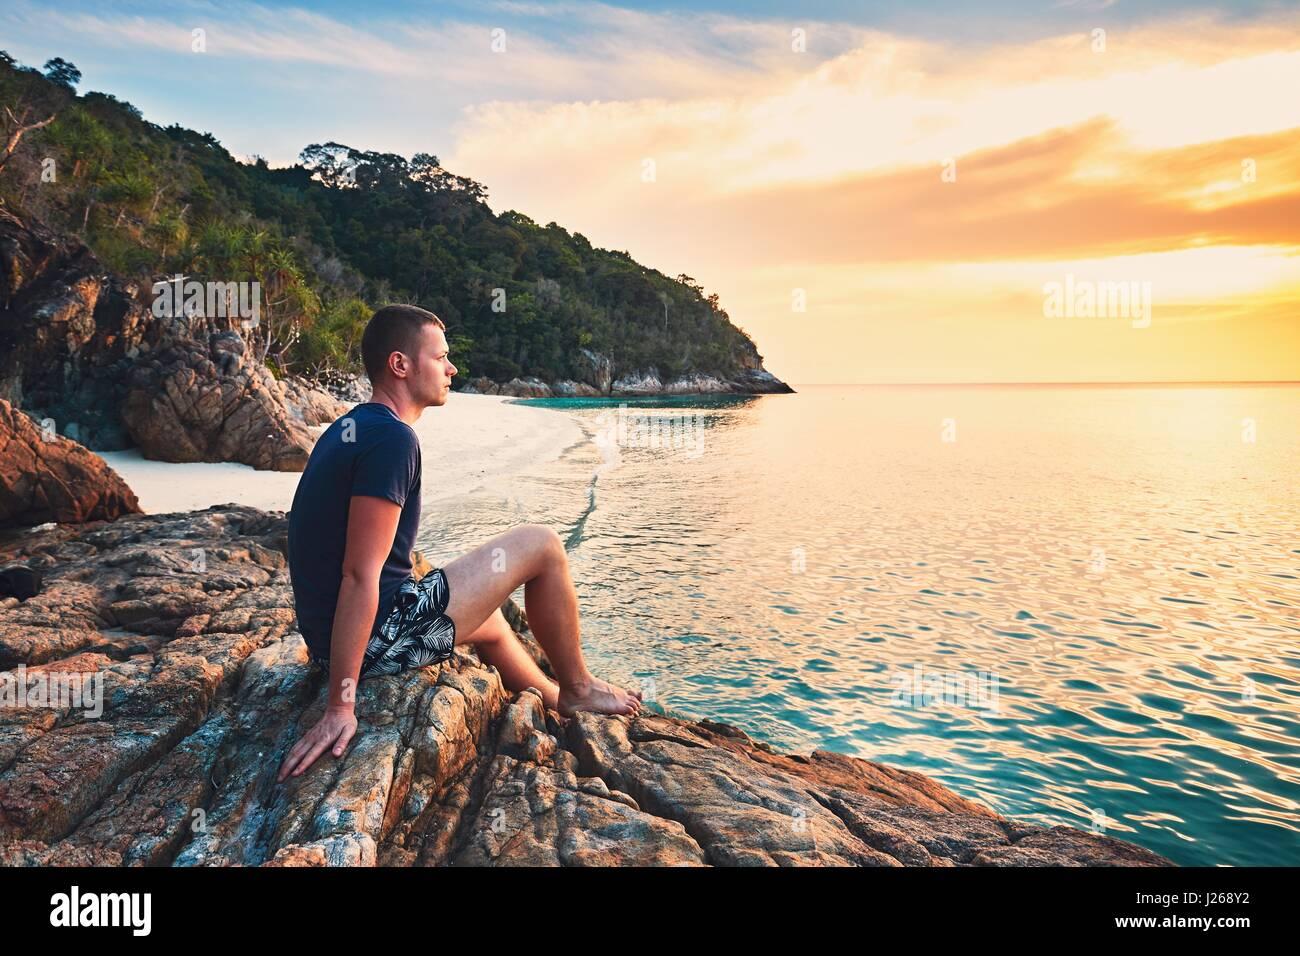 La contemplation au coucher du soleil. Jeune homme seul sur la magnifique plage de sable fin. Photo Stock